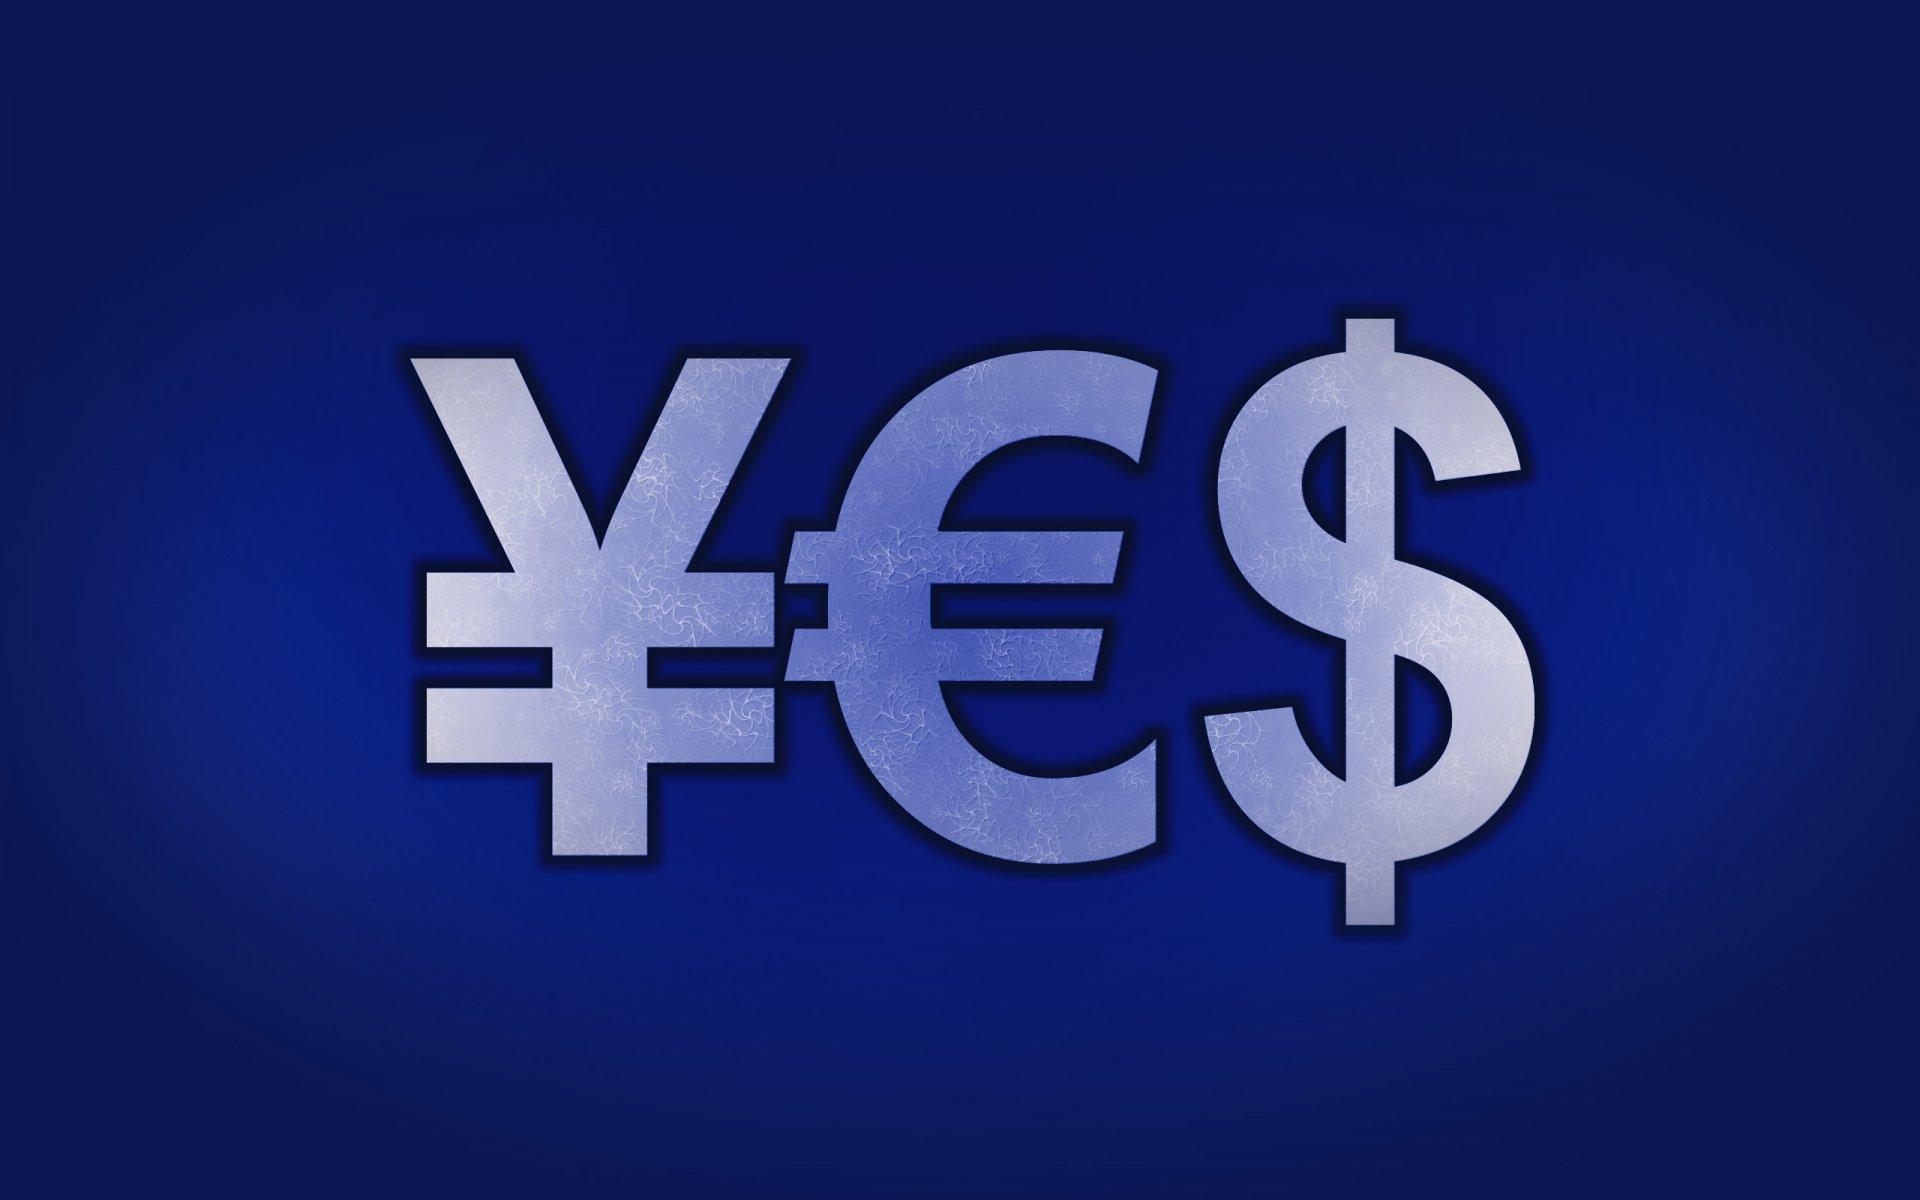 Обои картинки символы с валютой